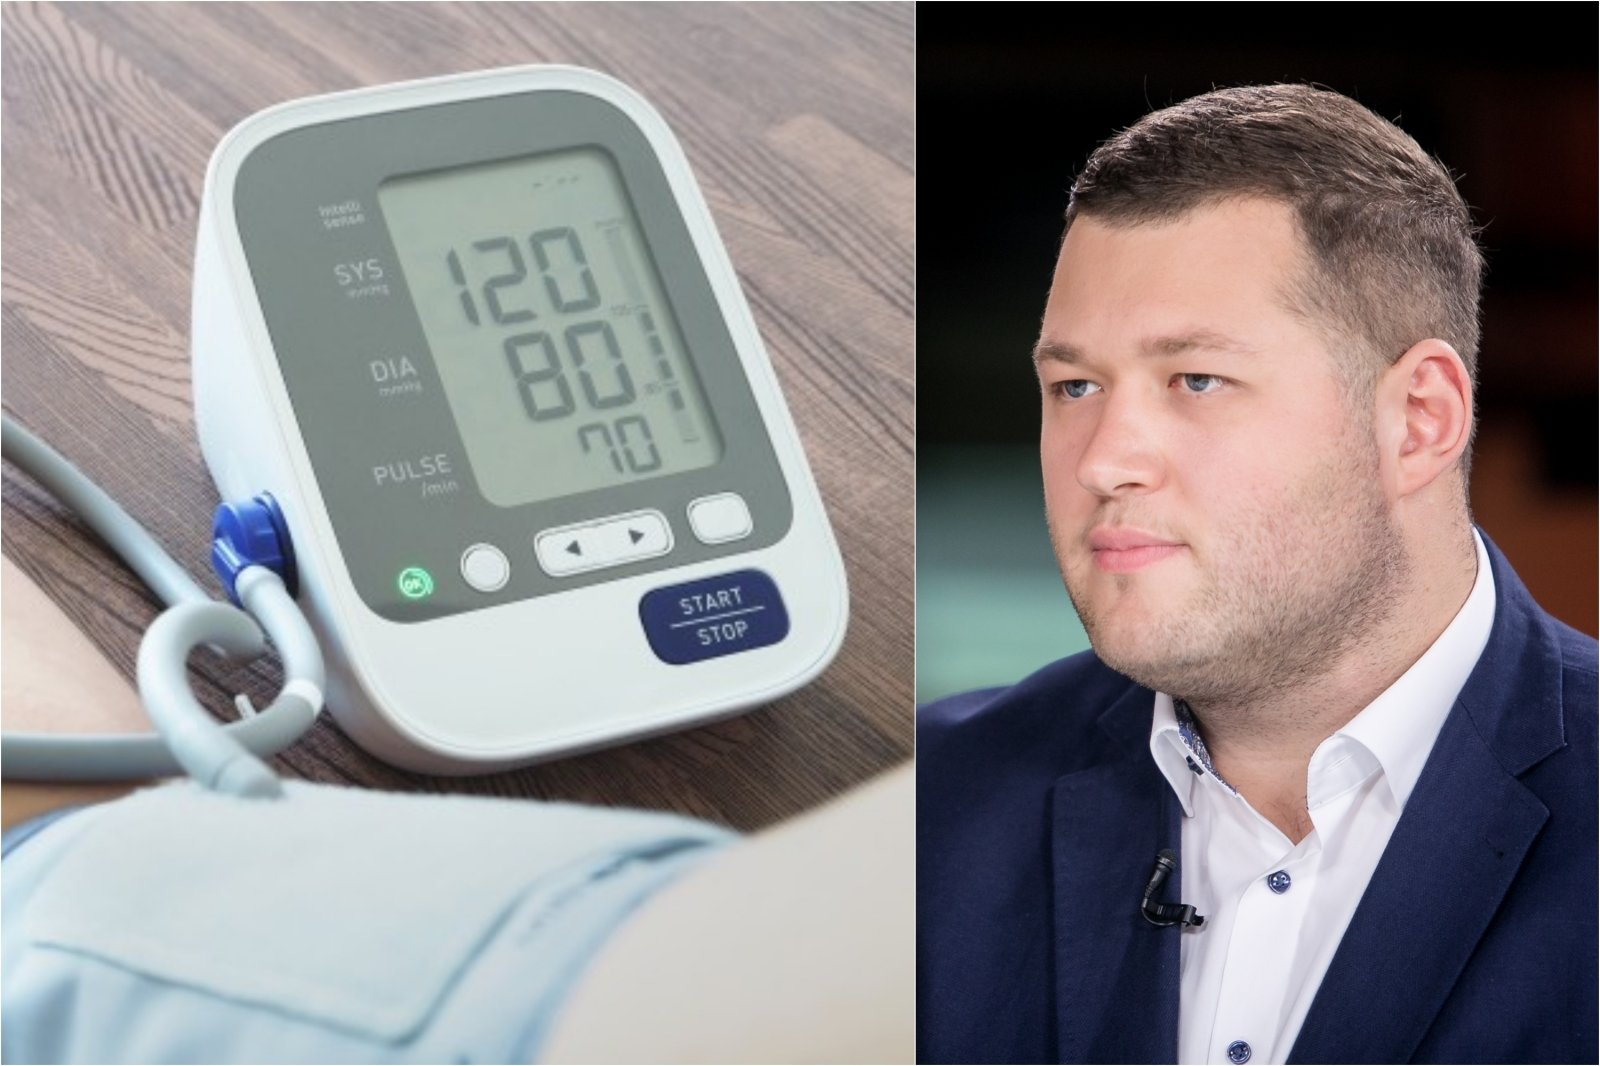 hipertenzija programoje yra puiku gyventi)